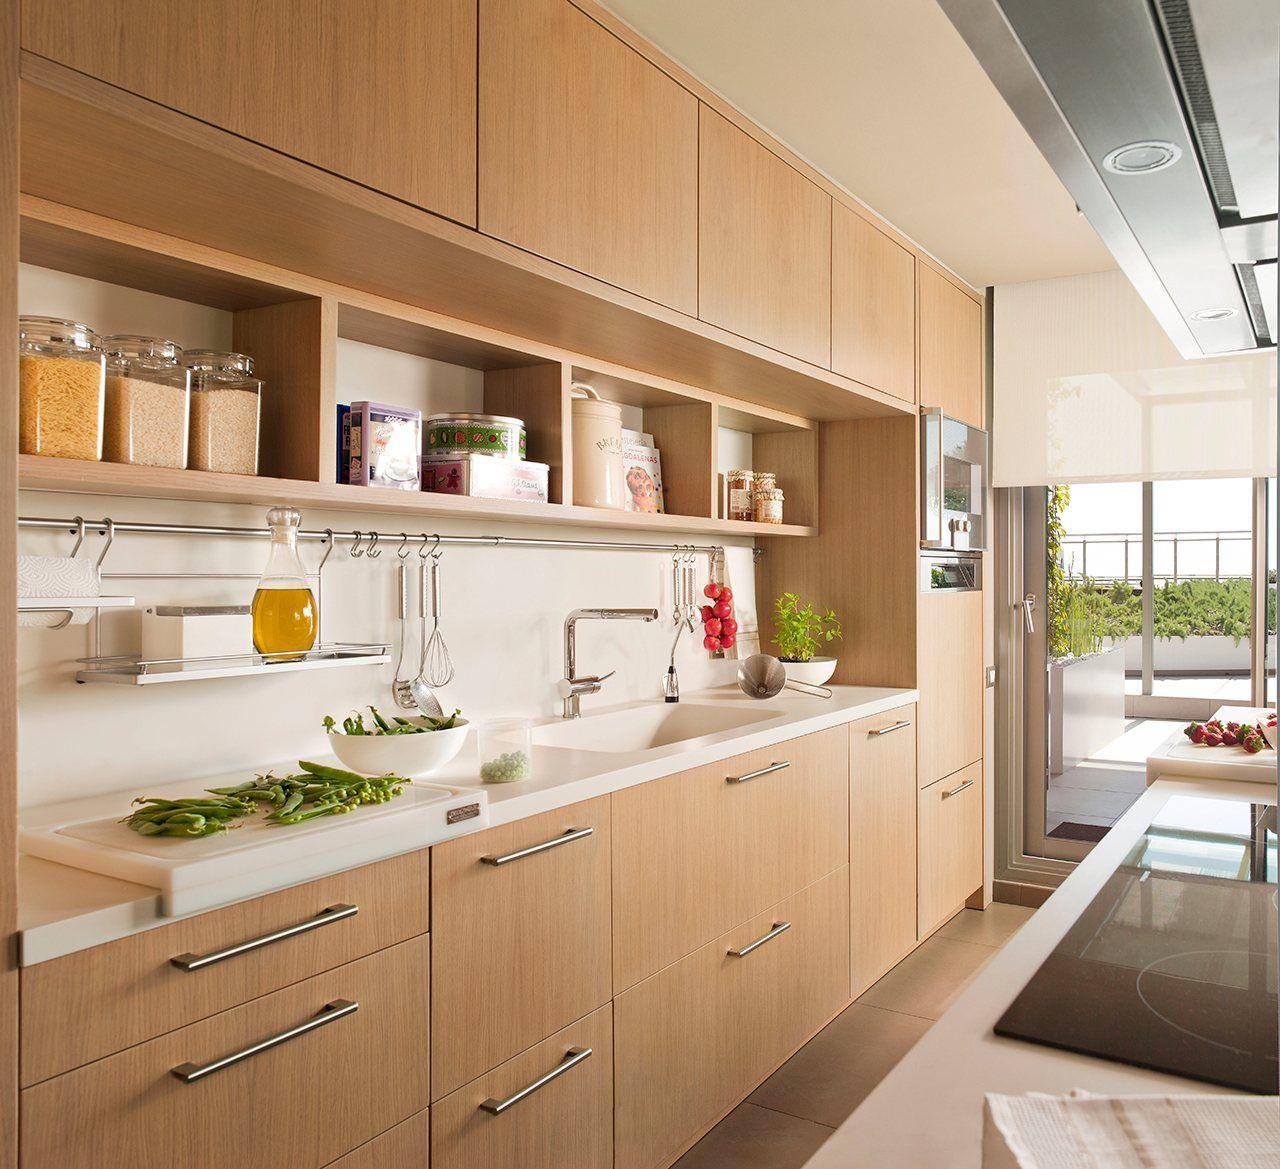 20 ideas para cocinas peque as cocina peque a buenas - Muebles cocina modernos ...